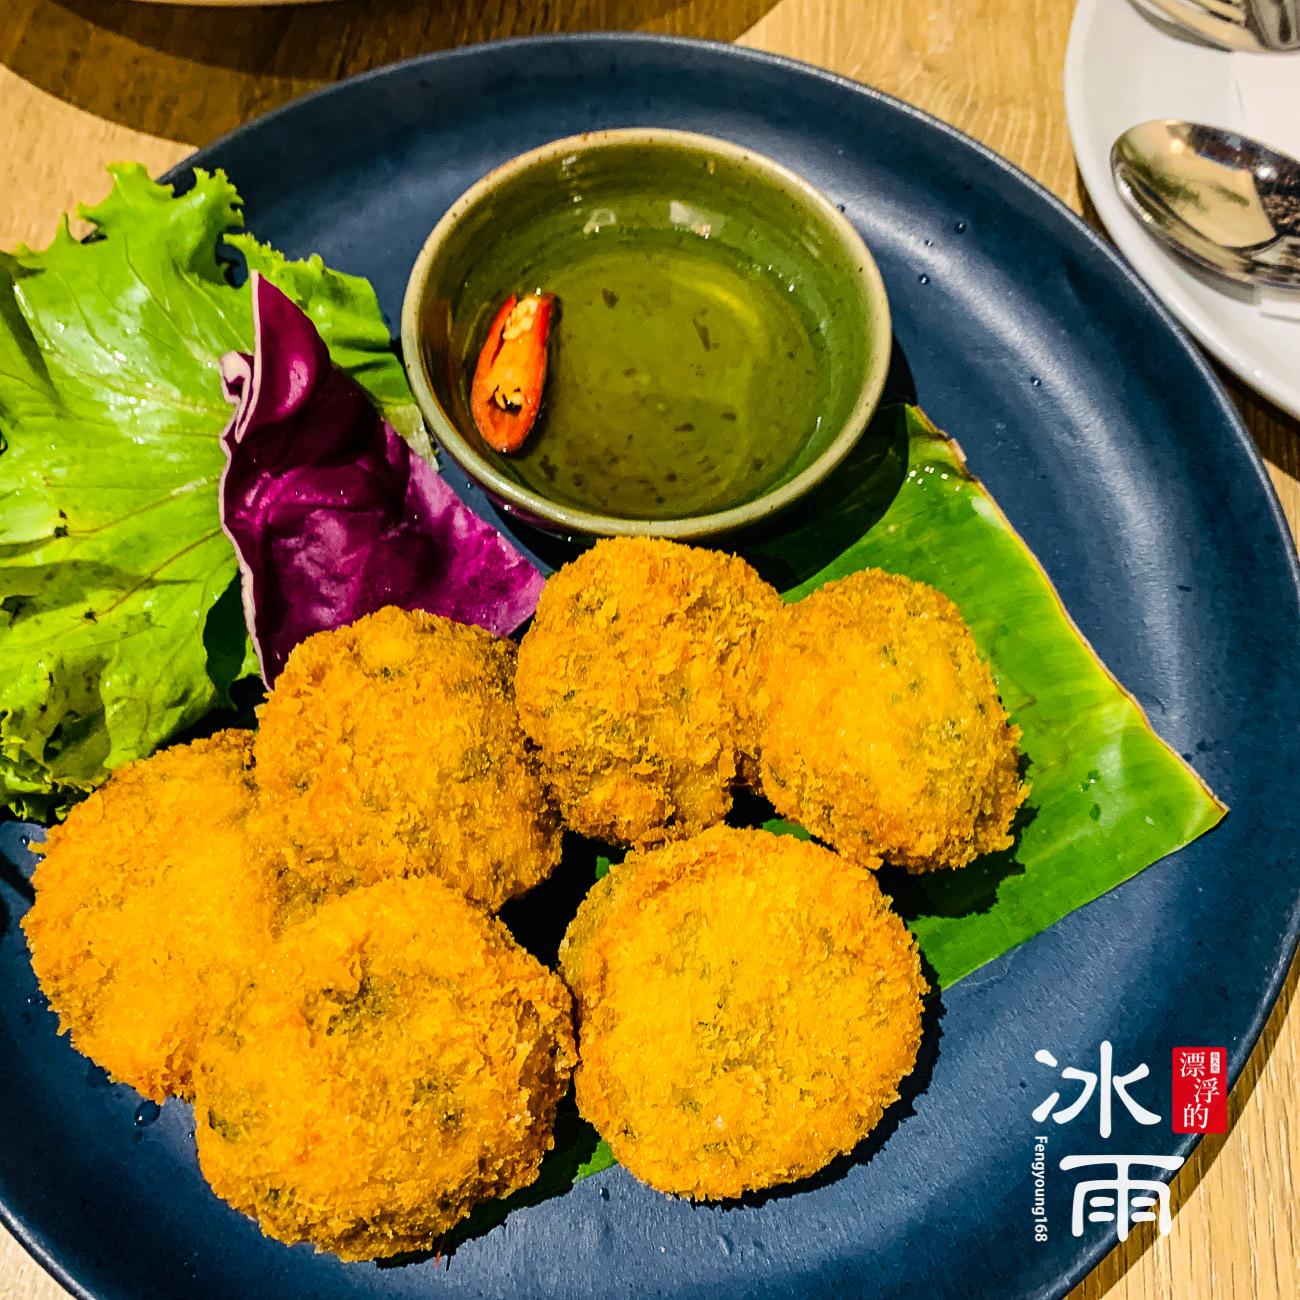 這是一道泰國的招牌菜,在台灣已經被改良了!有點像是夜市的口味啊!